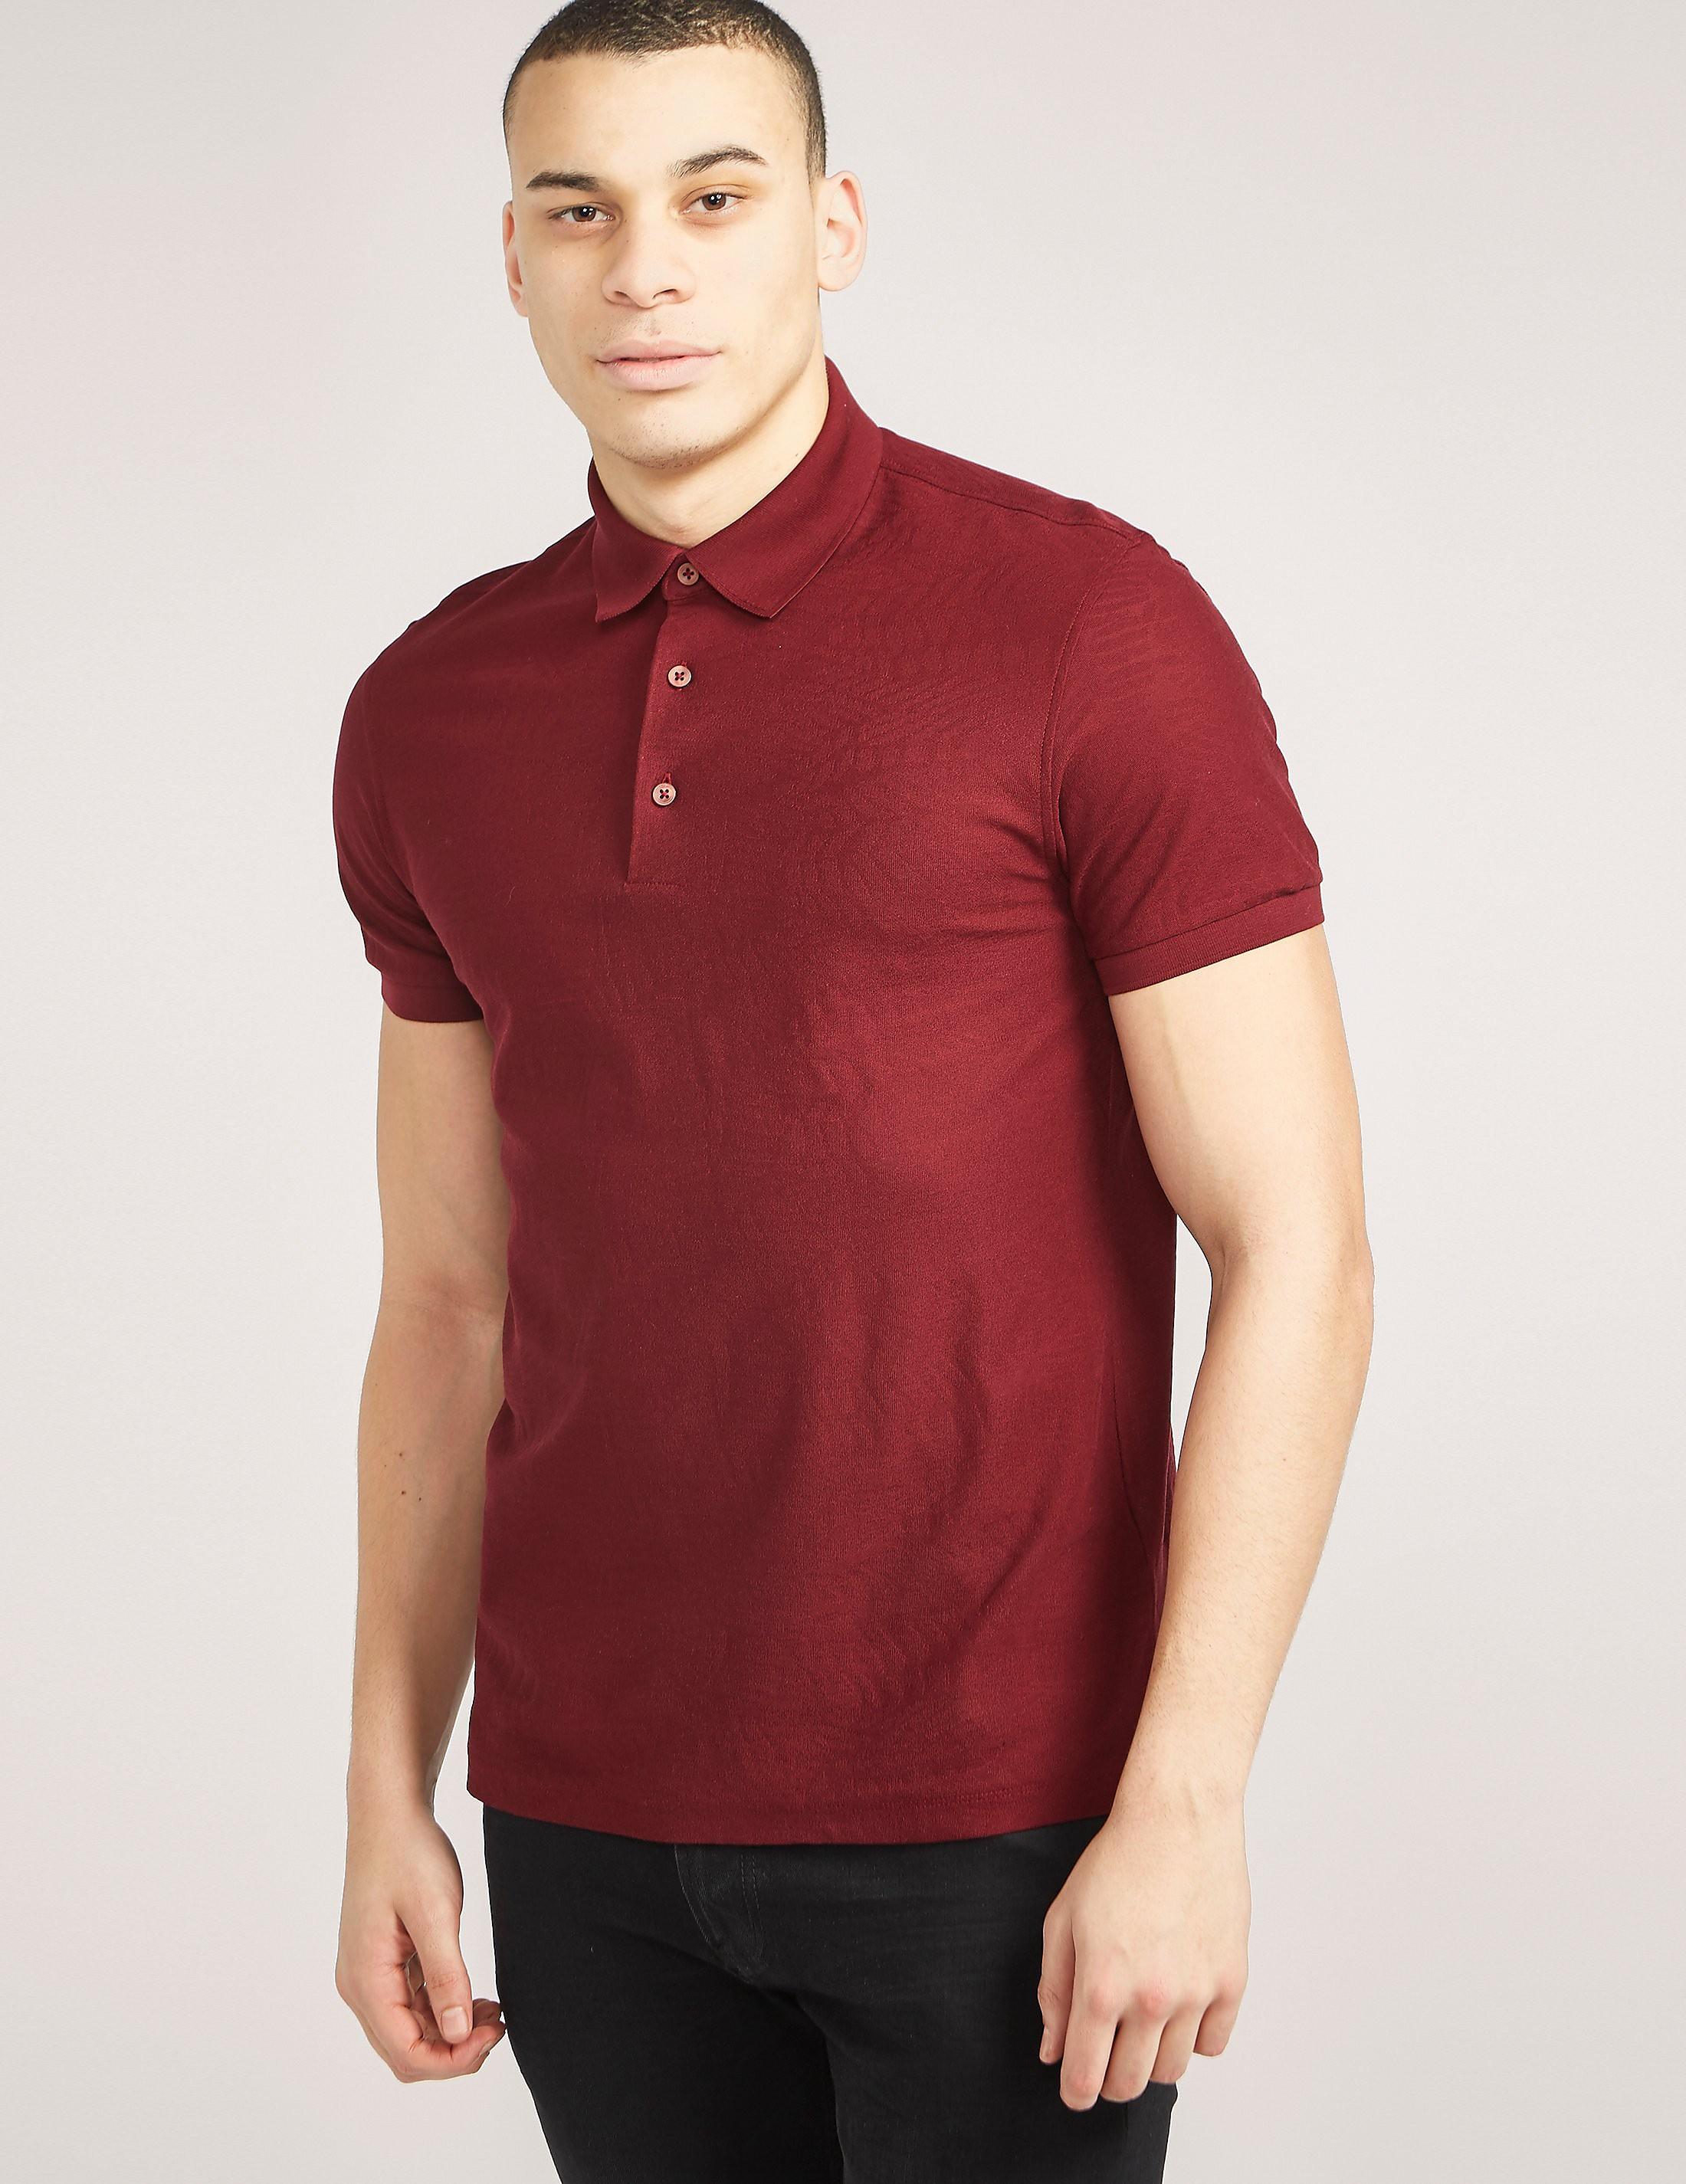 Z Zegna Patterned Polo Shirt